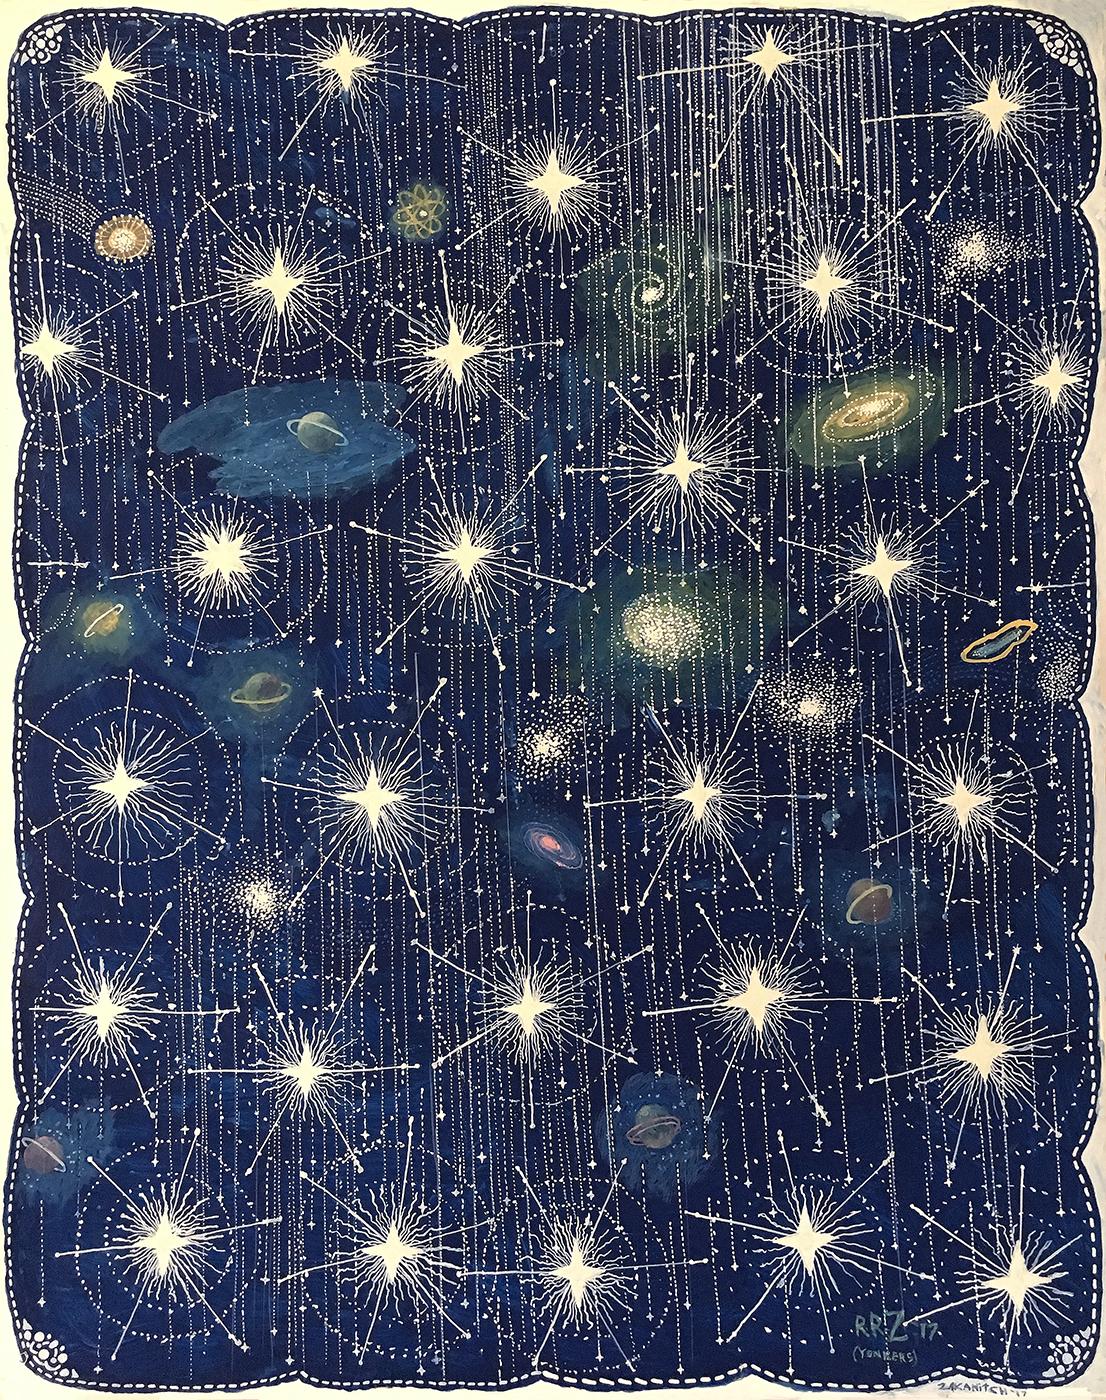 Star Shower (Celestial Series), 2017